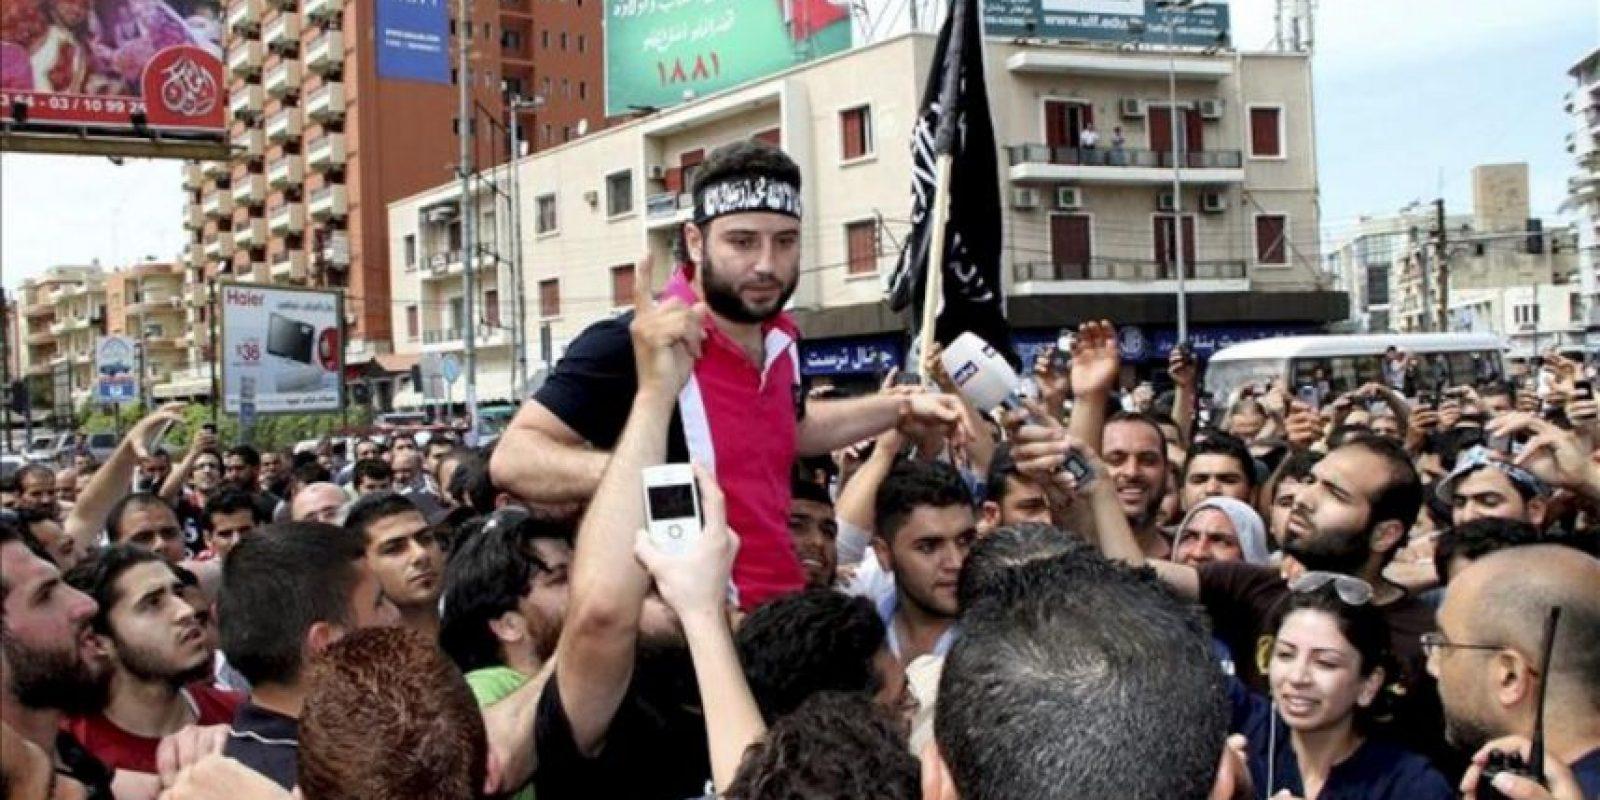 El clérigo suní Shadi Maulaui (c) se dirge a sus simpatizantes en la plaza Al-Noor de Trípoli, Líbano, hoy, martes, 22 de mayo. EFE